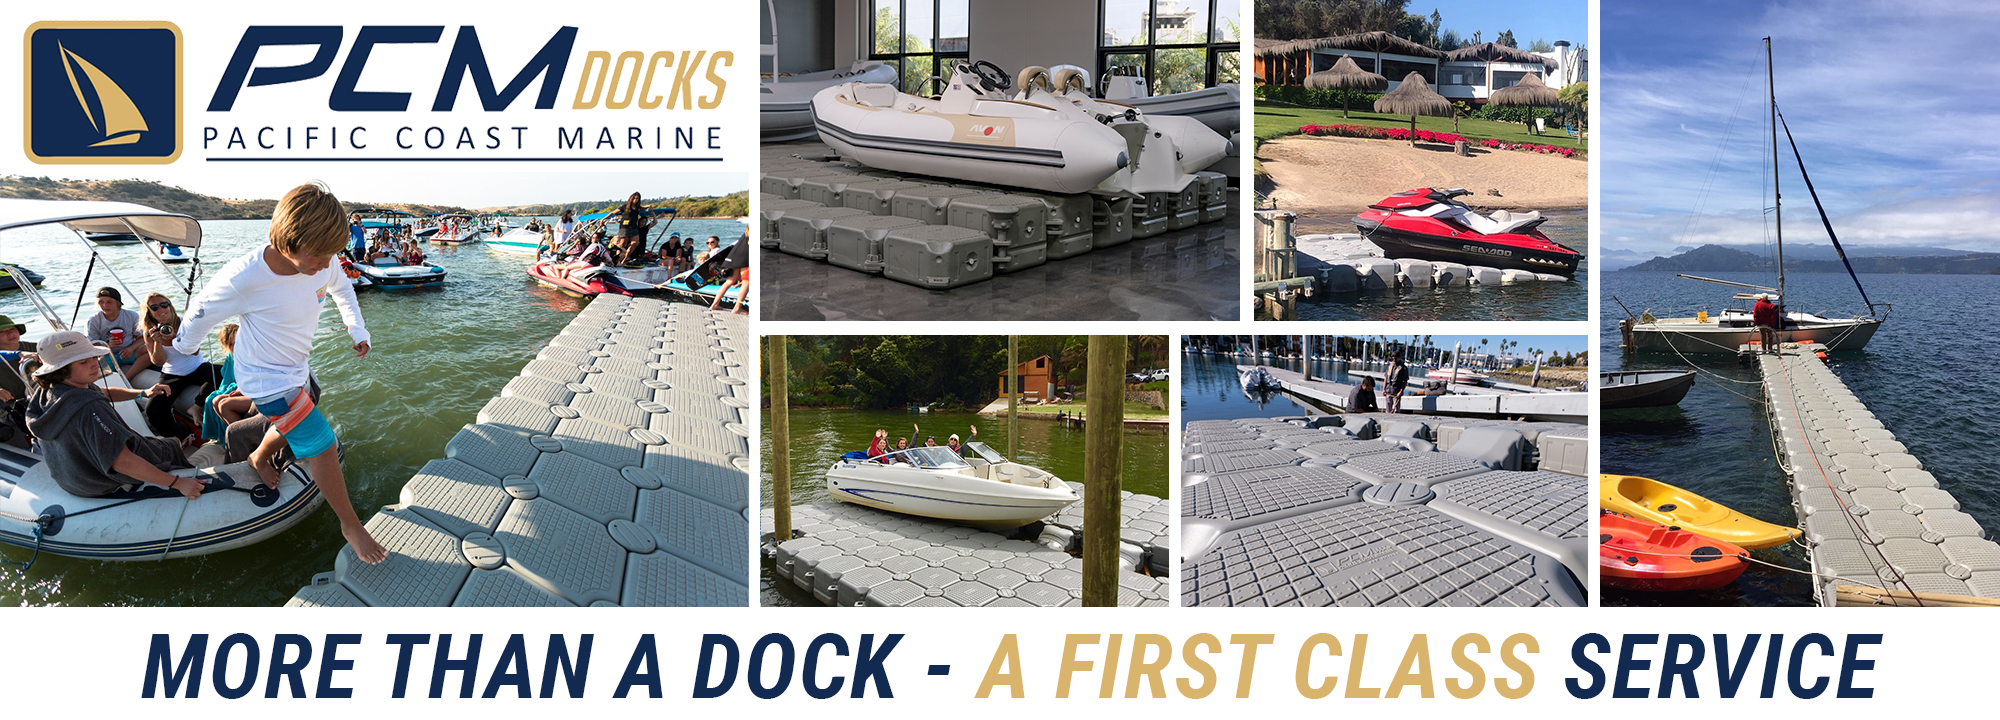 pcm-modular-dock-banner-01.jpg